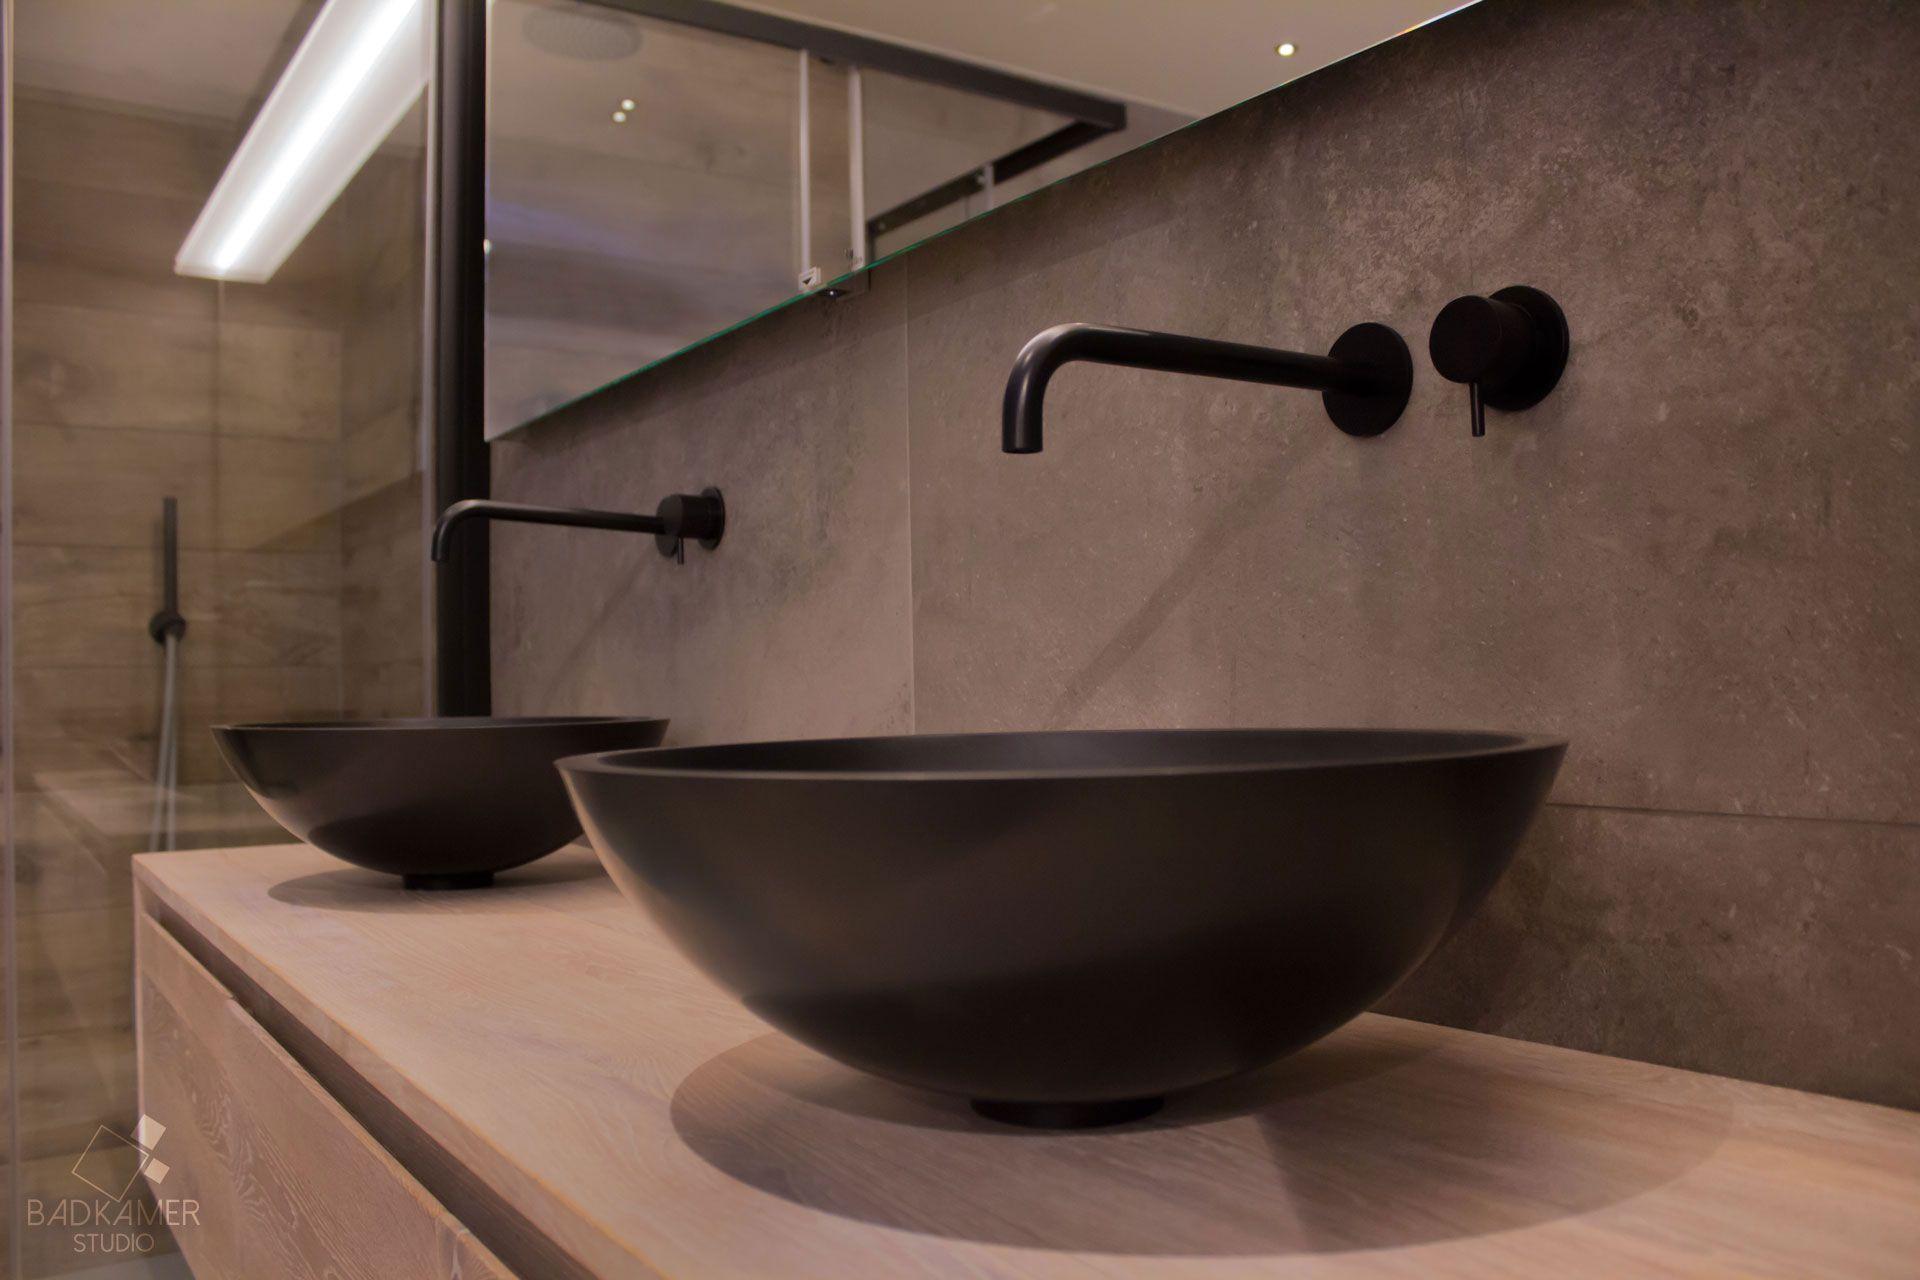 Design Badkamer Matten : Moderne maatwerk badkamer met kerlite tegels met houtlook op de